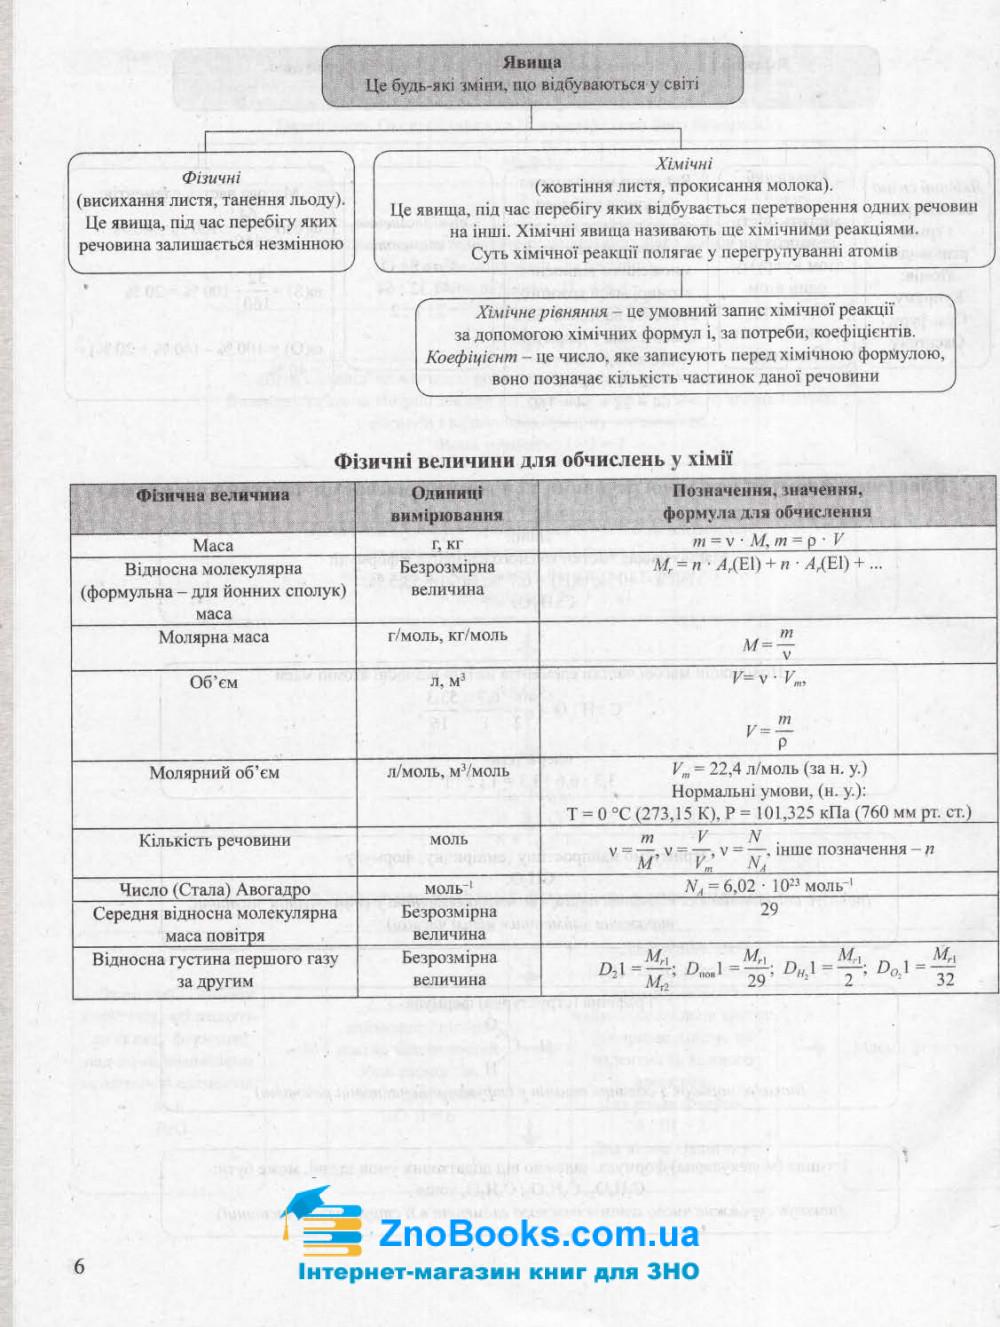 ЗНО Хімія 2022. Тематичні узагальнення в таблицях і схемах : Титаренко Н. Видавництво Літера. 7